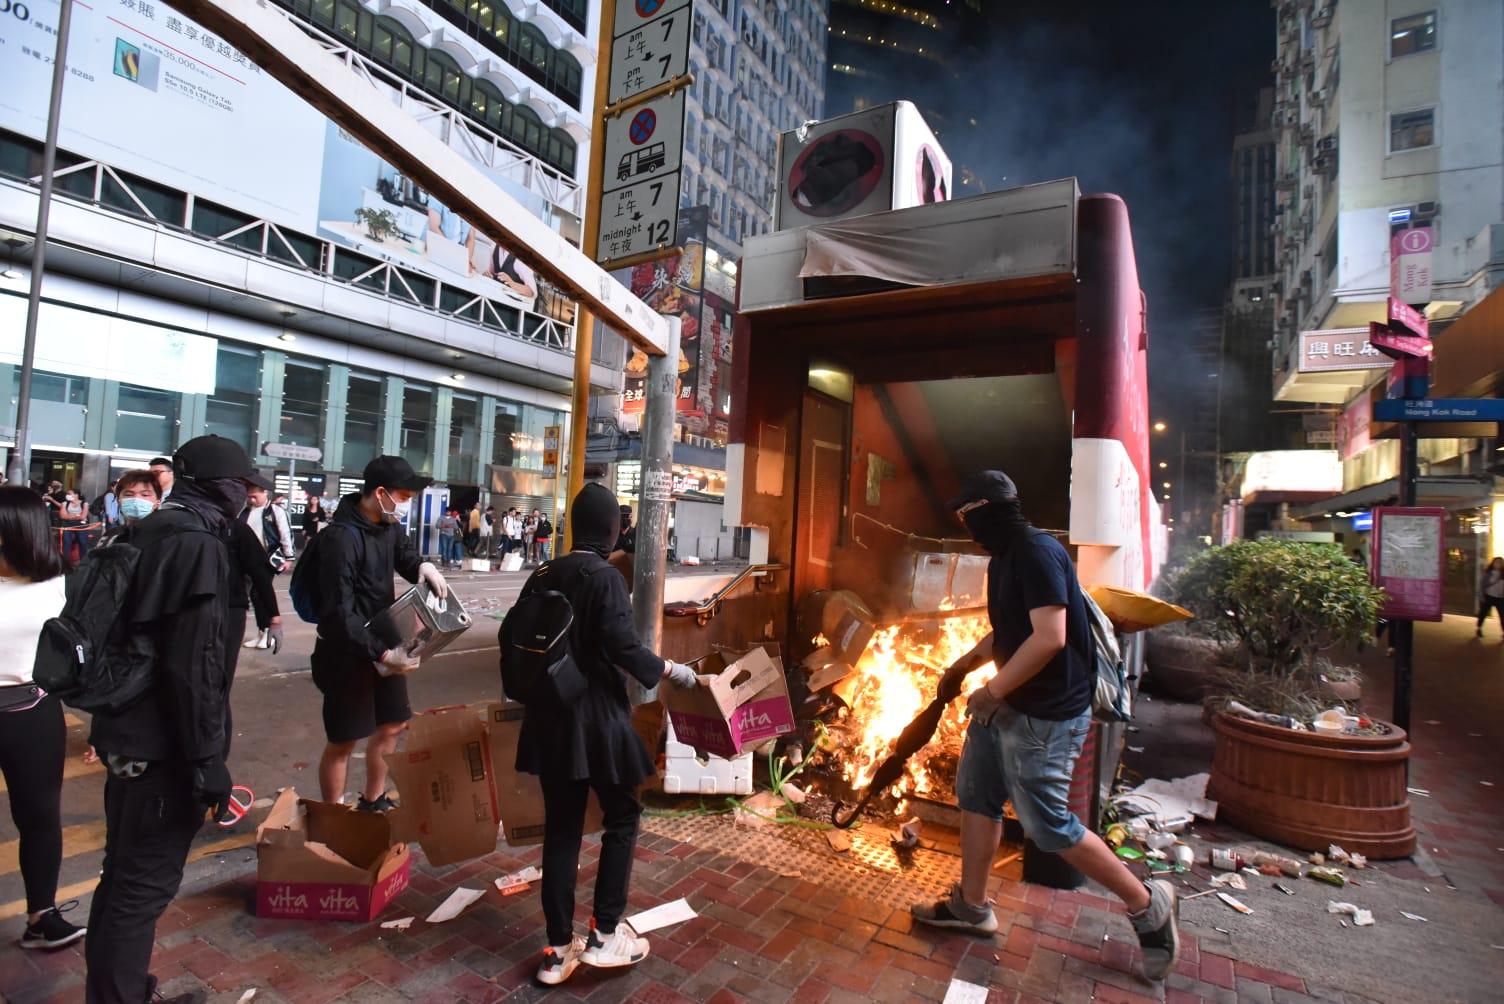 【大三罢】旺角站被纵火关闭 水炮车发射水柱驱散示威者